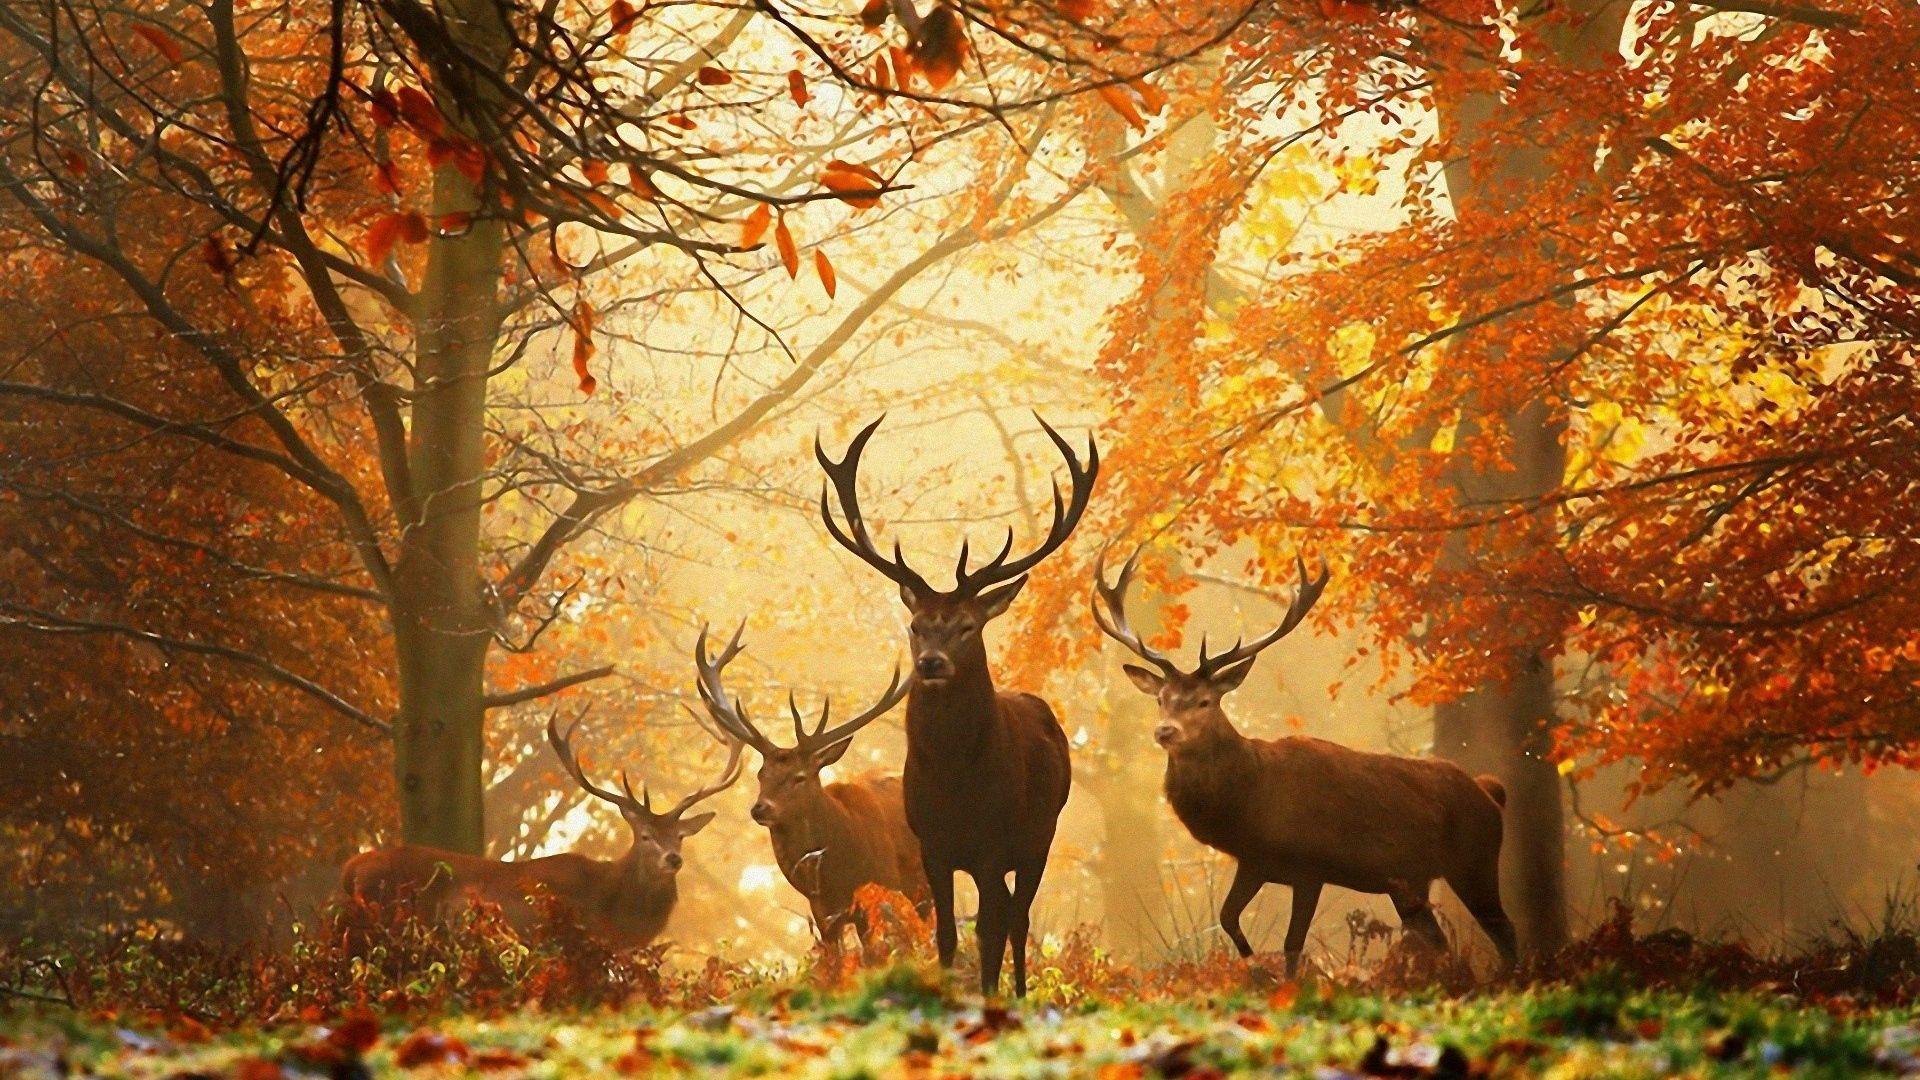 59792 скачать обои Олени, Животные, Трава, Осень, Листья, Солнце, Лучи, Лес - заставки и картинки бесплатно